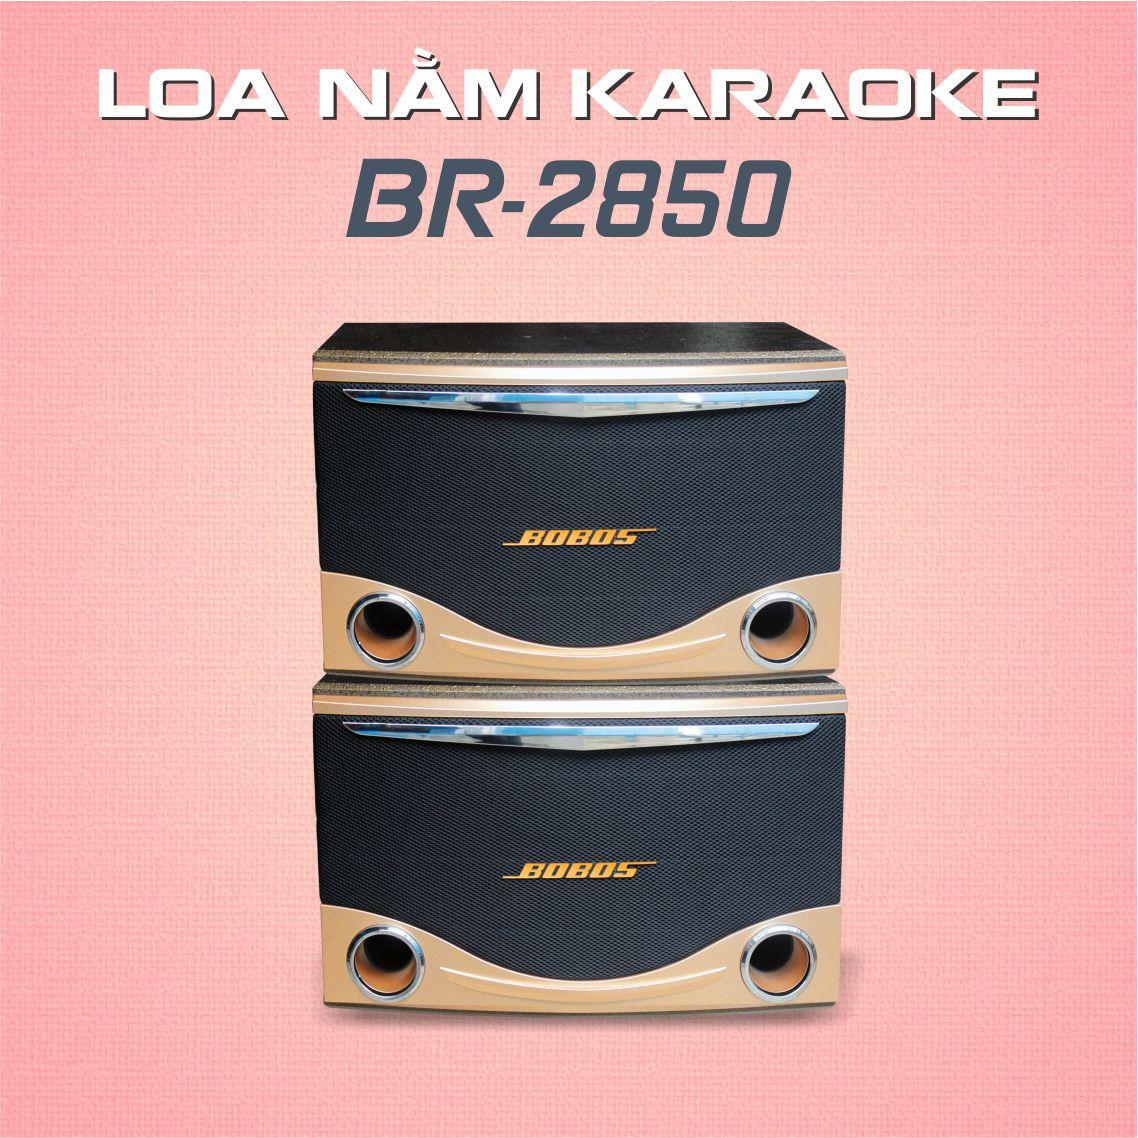 LOA NẰM KARAOKE VÀ NGHE NHẠC BOBOS BR-2850 (Hàng chính hãng)